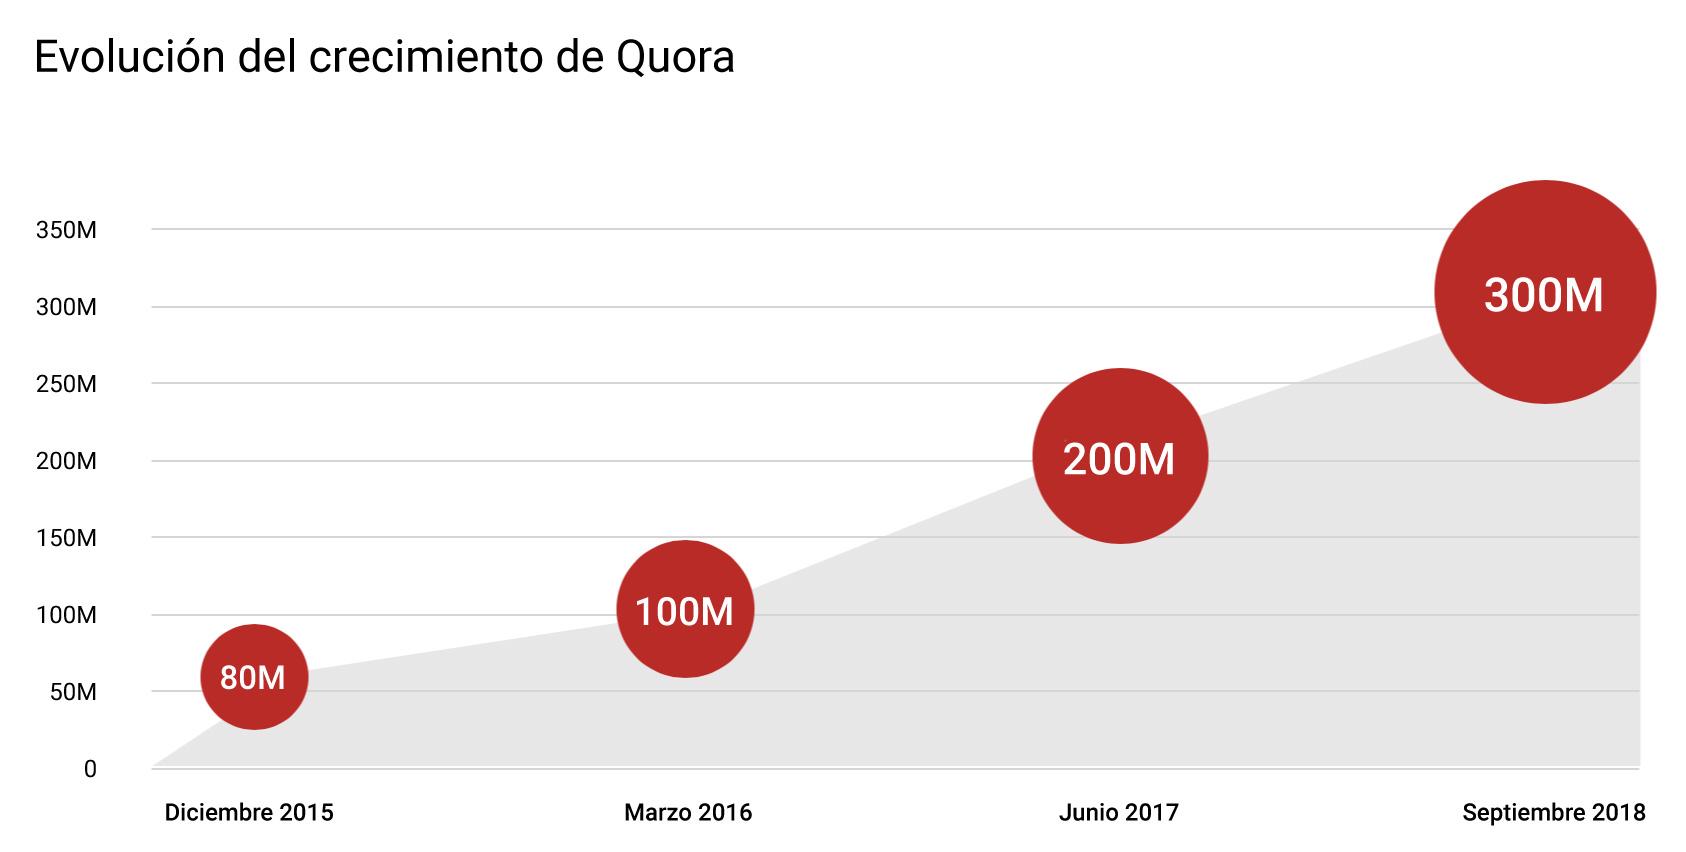 ¿Qué es Quora? Gráfico de evolución de su crecimiento